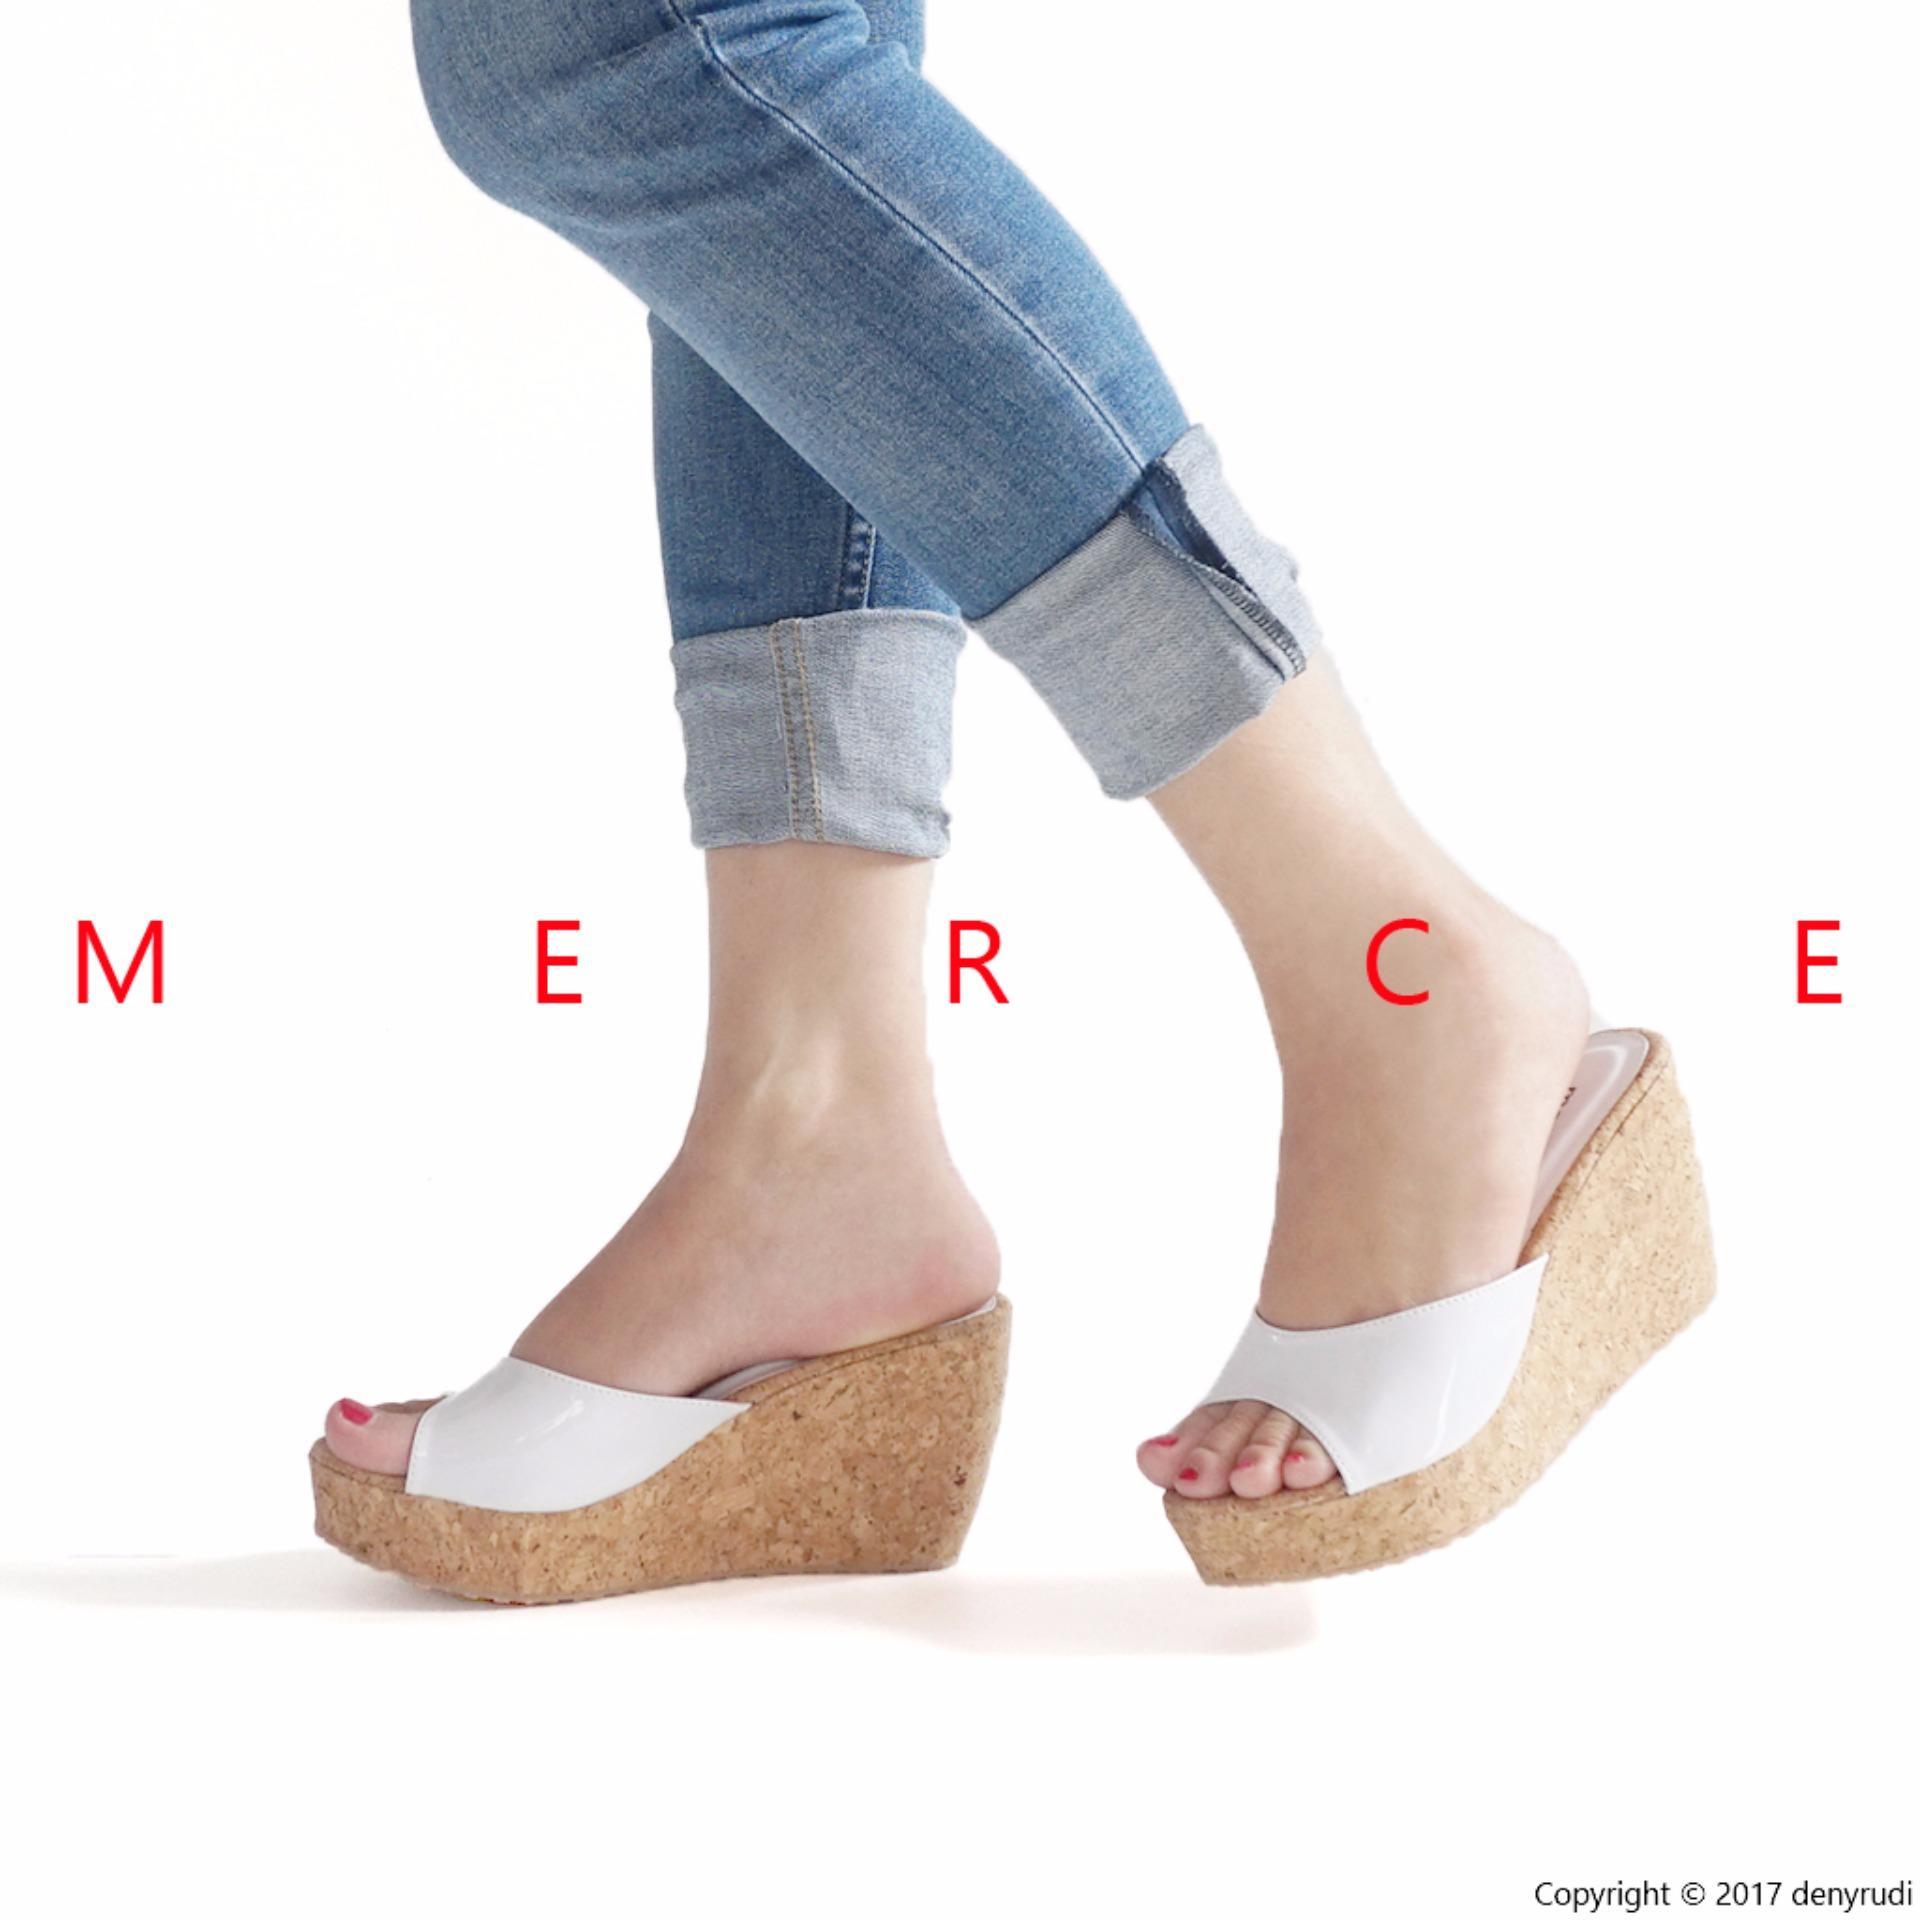 Merce - Sepatu Sandal Wanita JESSIE Wedges - Putih